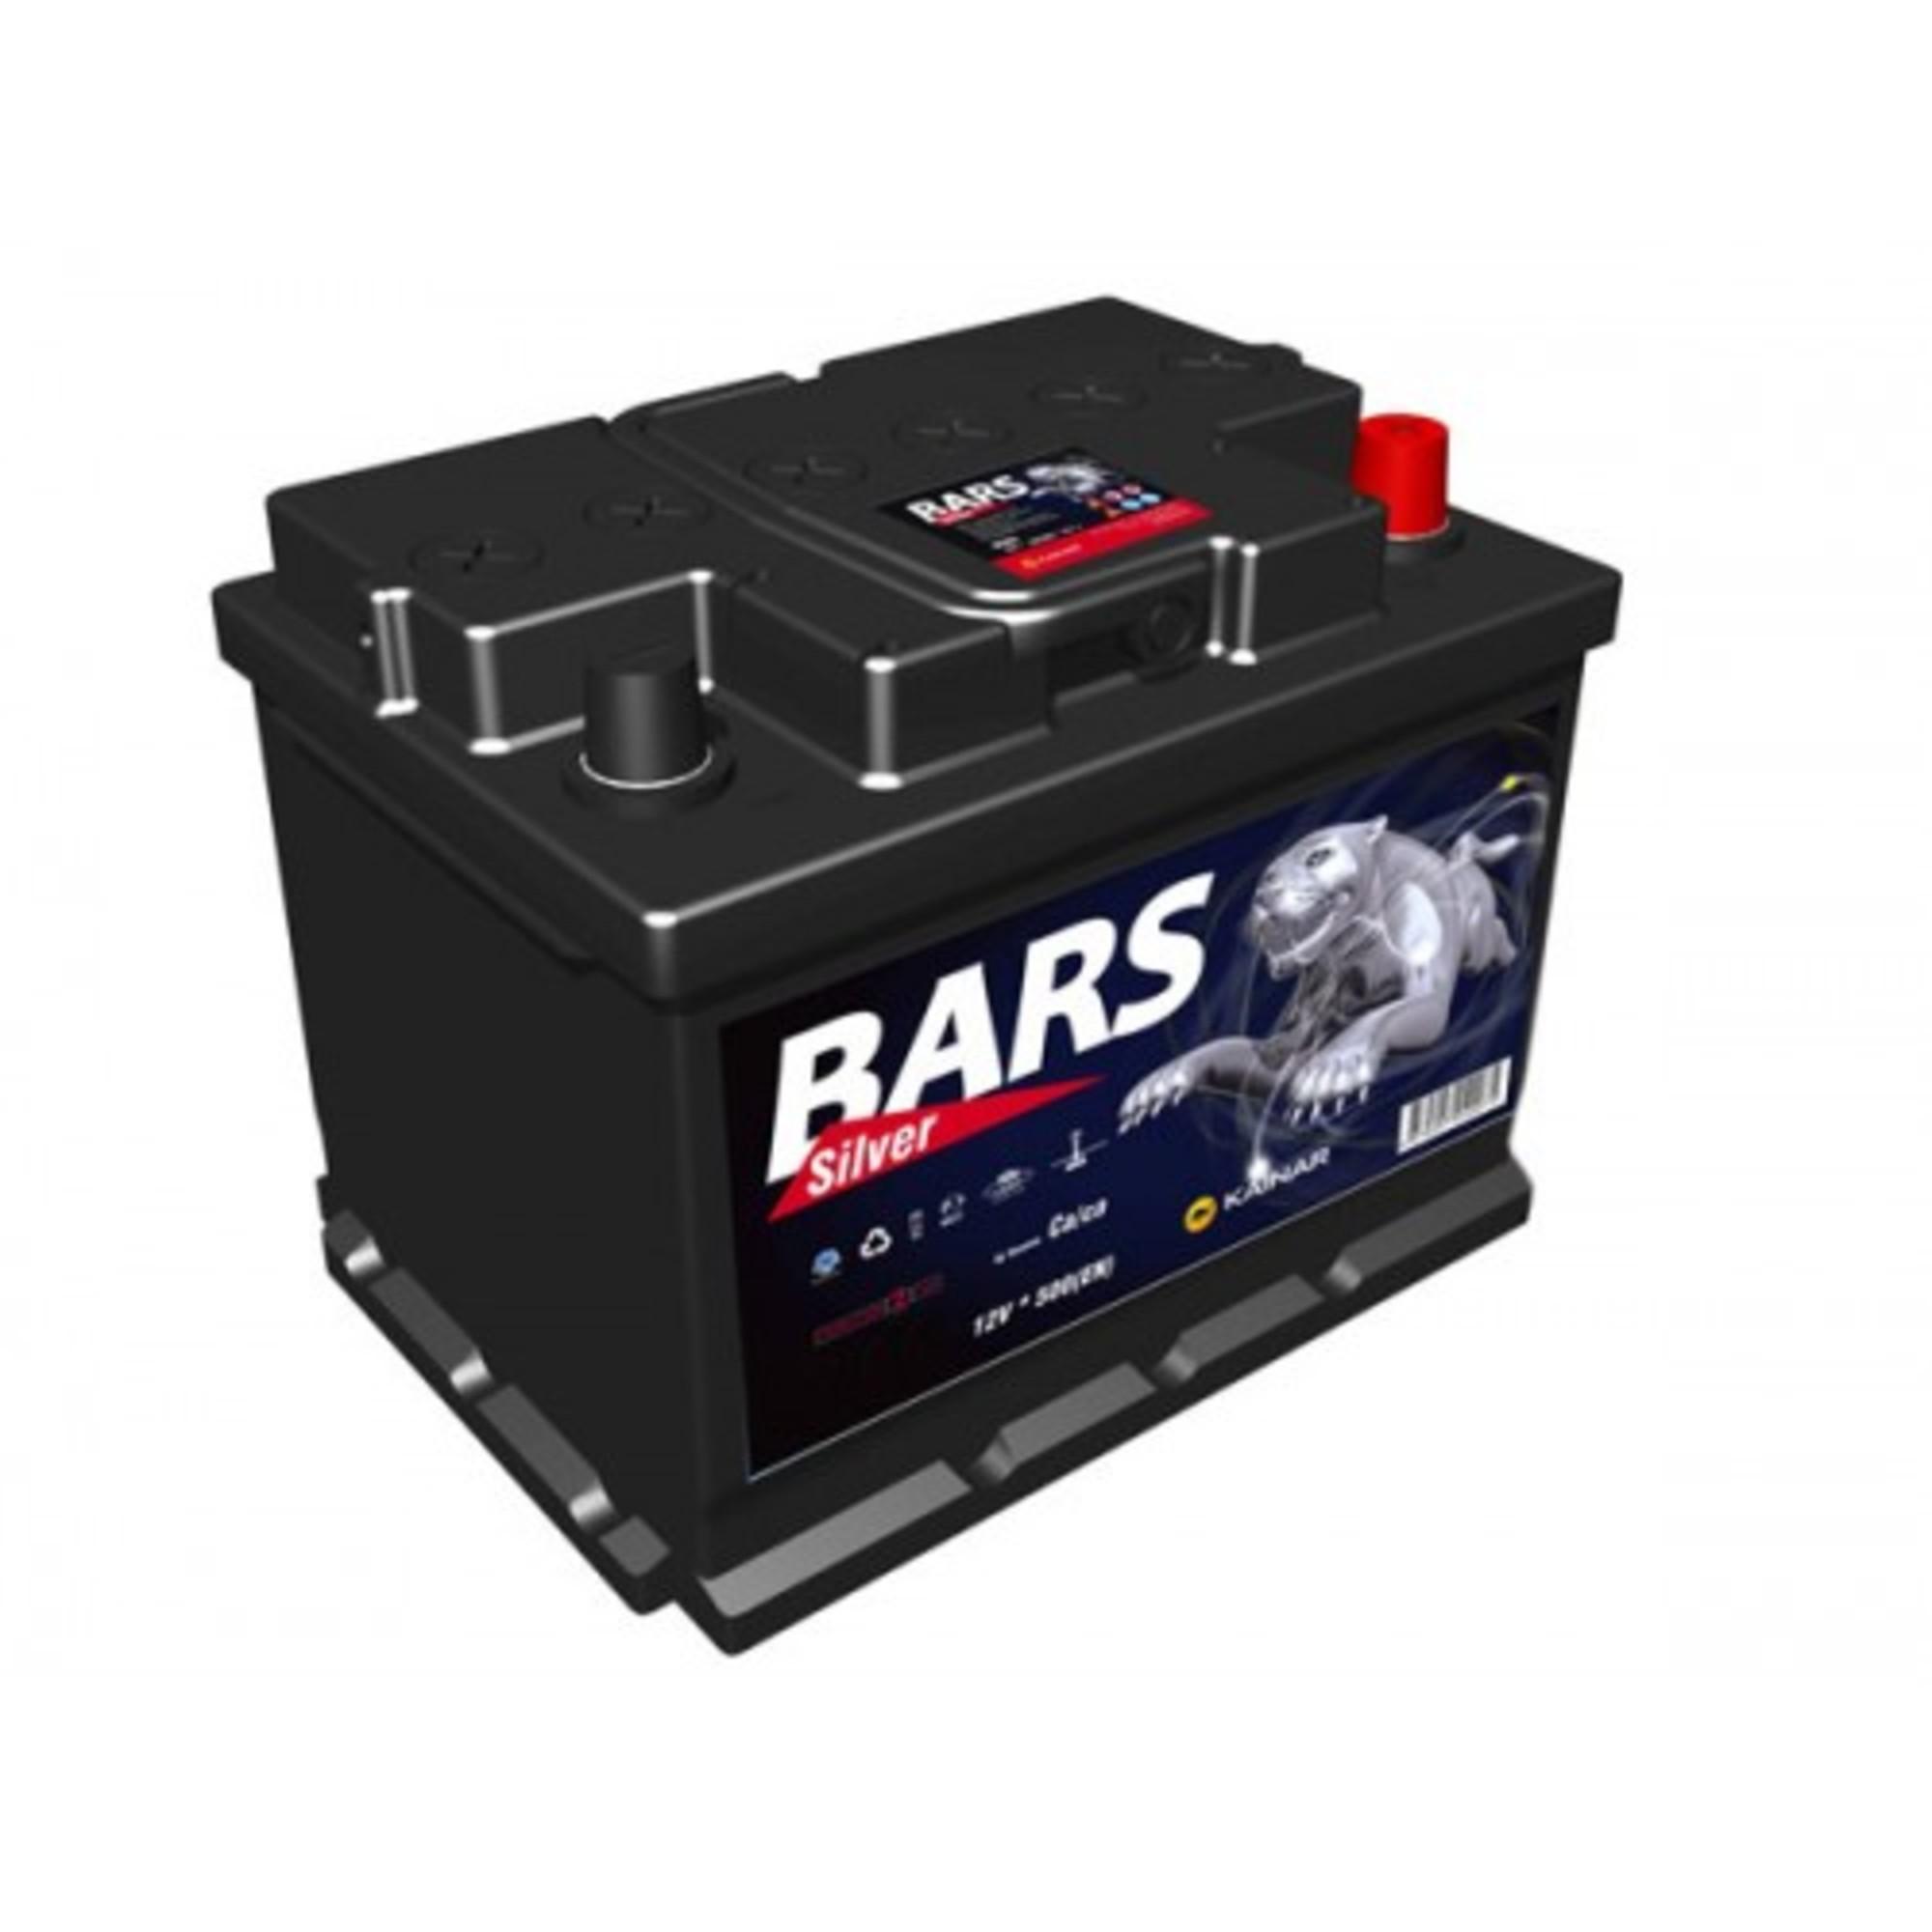 Аккумулятор 66 - 6 СТ BARS SILVER о.п. (АПЗ)